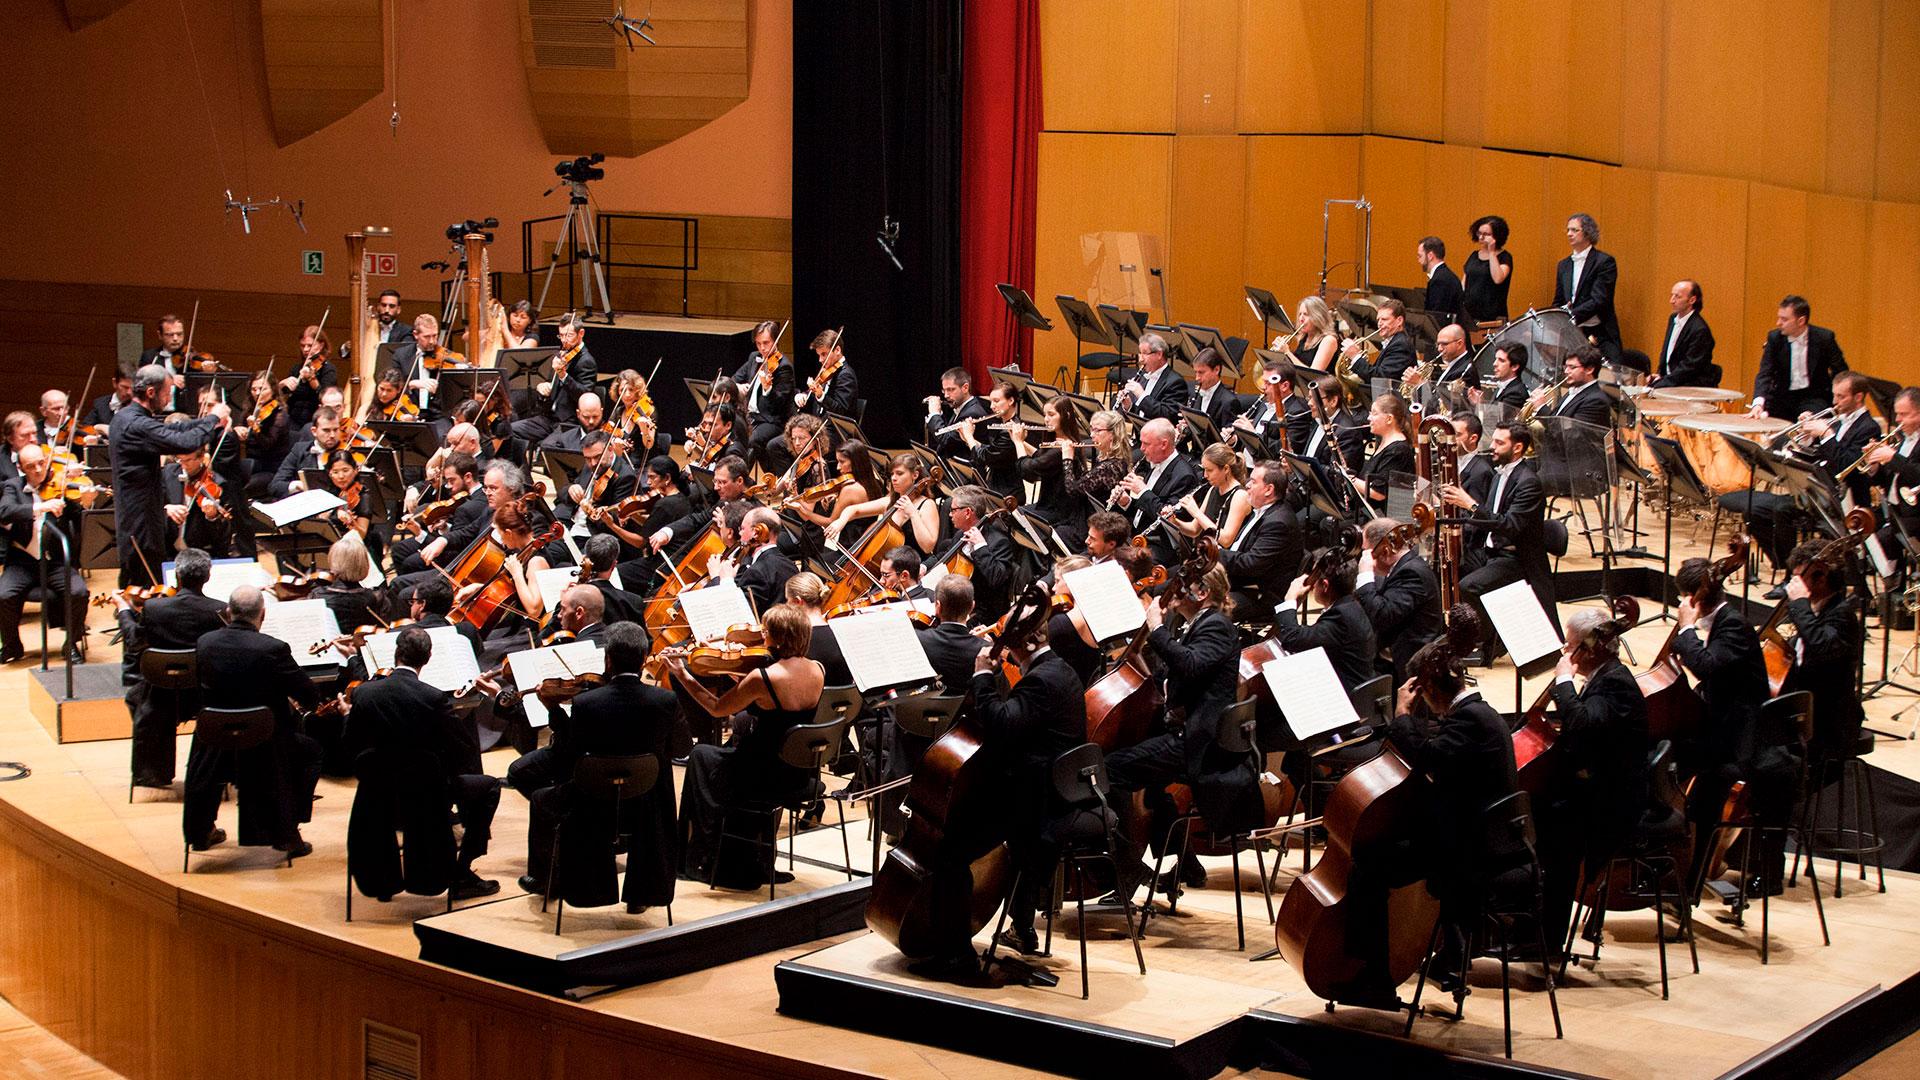 Al cierre de la temporada 18-19 la asistencia a conciertos en A Coruña ascendió en 43.574 personas, un 3 por ciento más que el año anterior